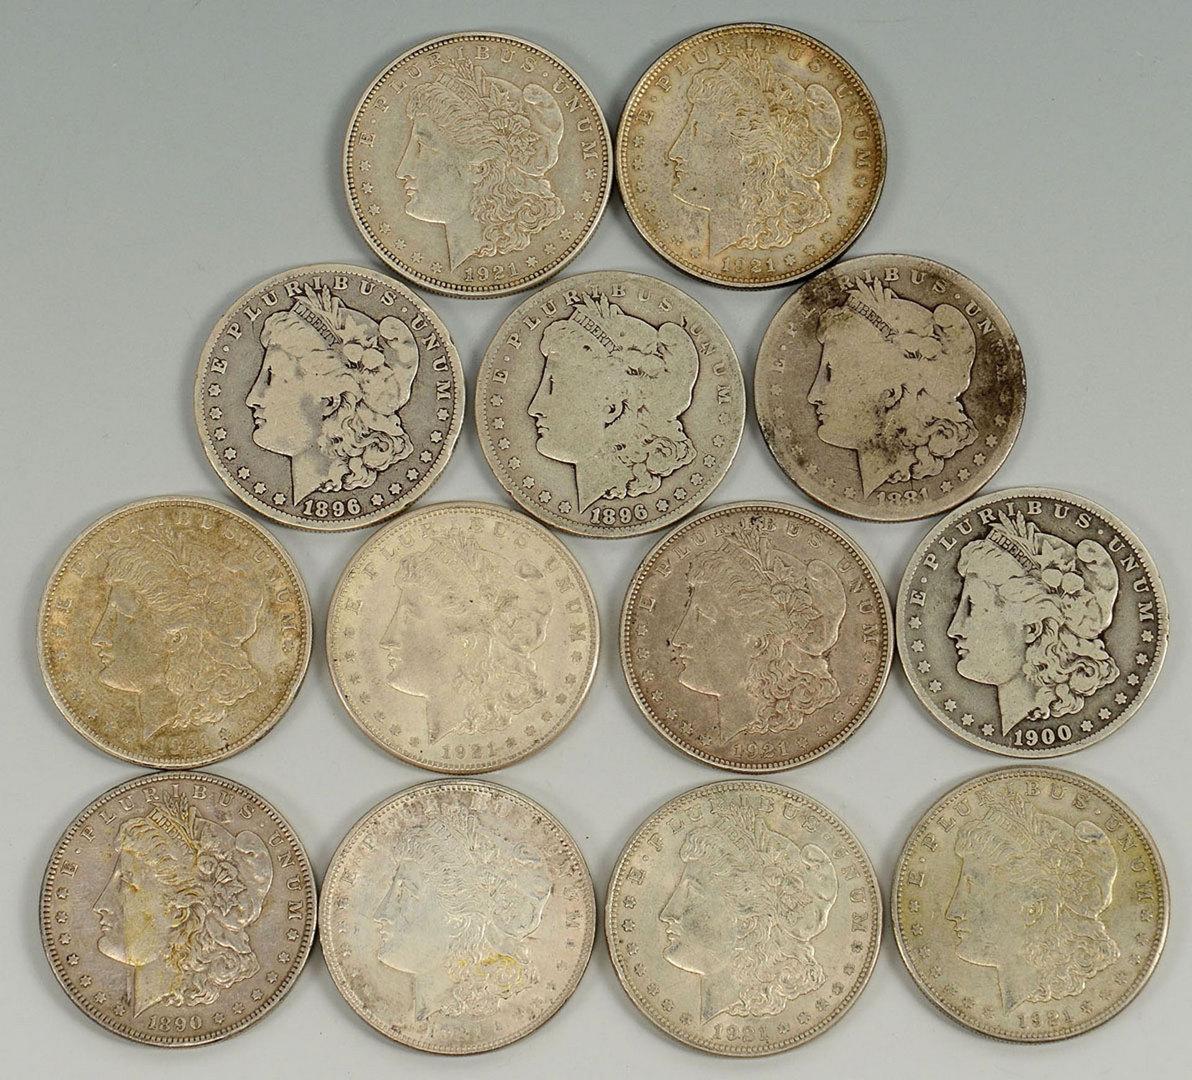 Lot 527: Grouping of 13 Morgan Silver Dollars